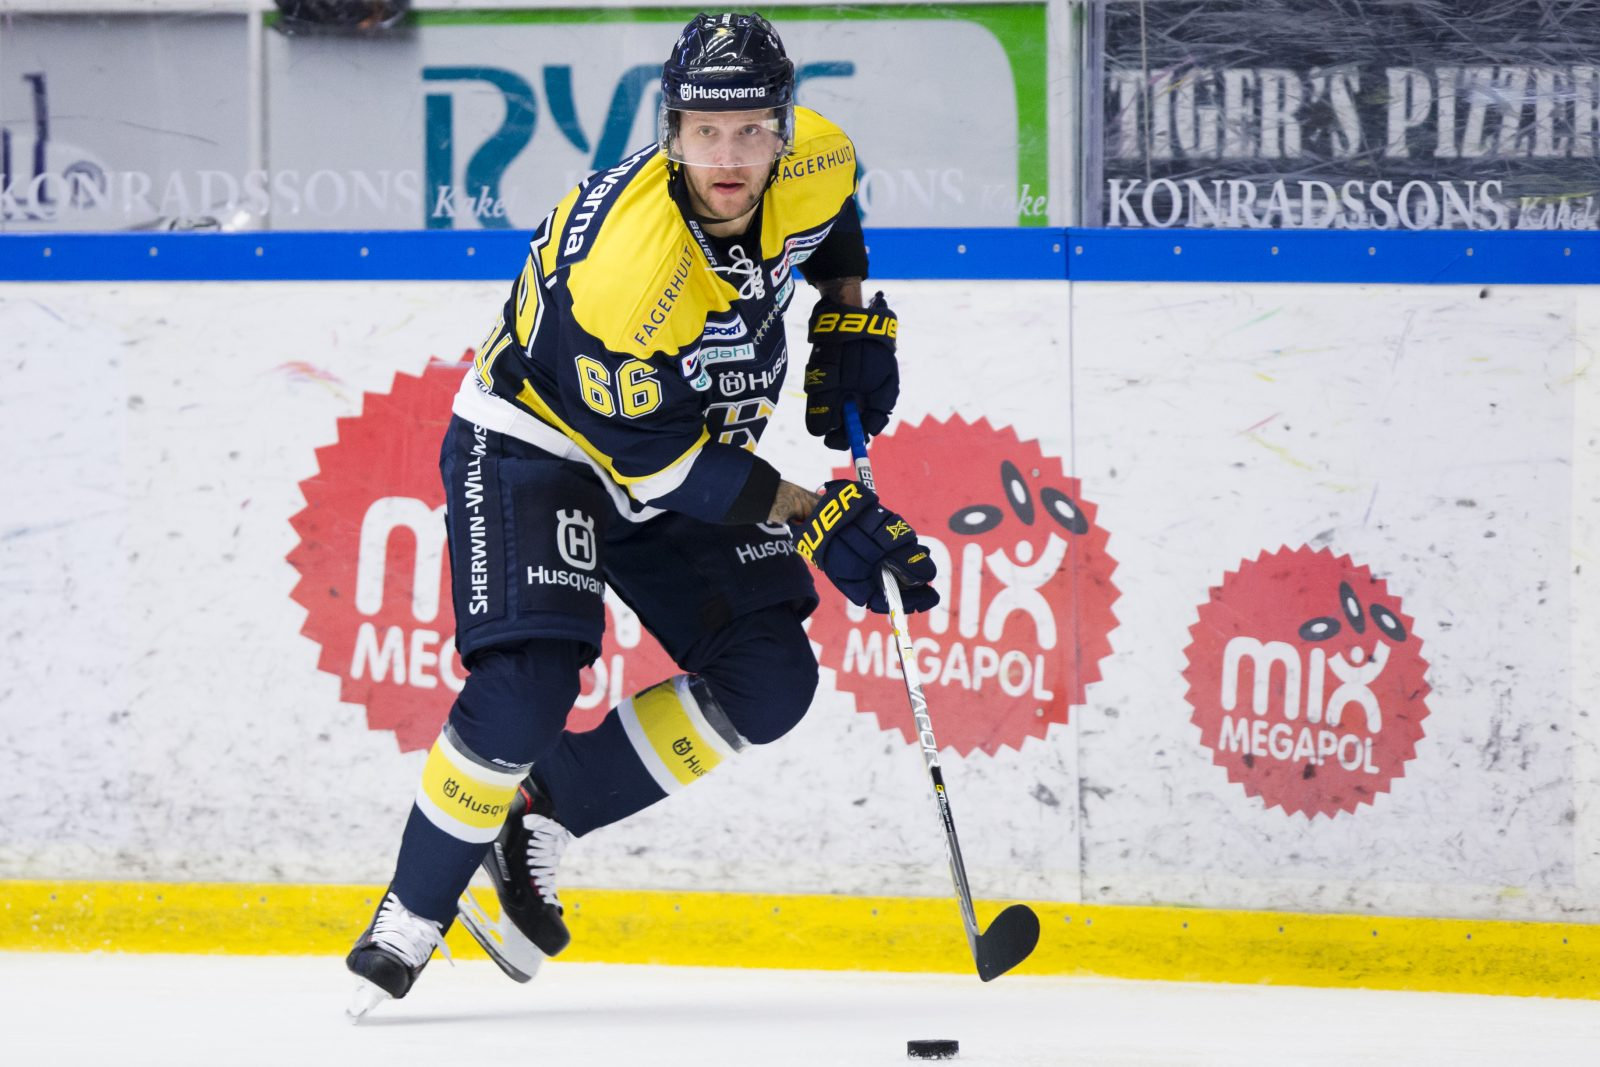 Tränarna överens: HV71 vinner Hockeyallsvenskan